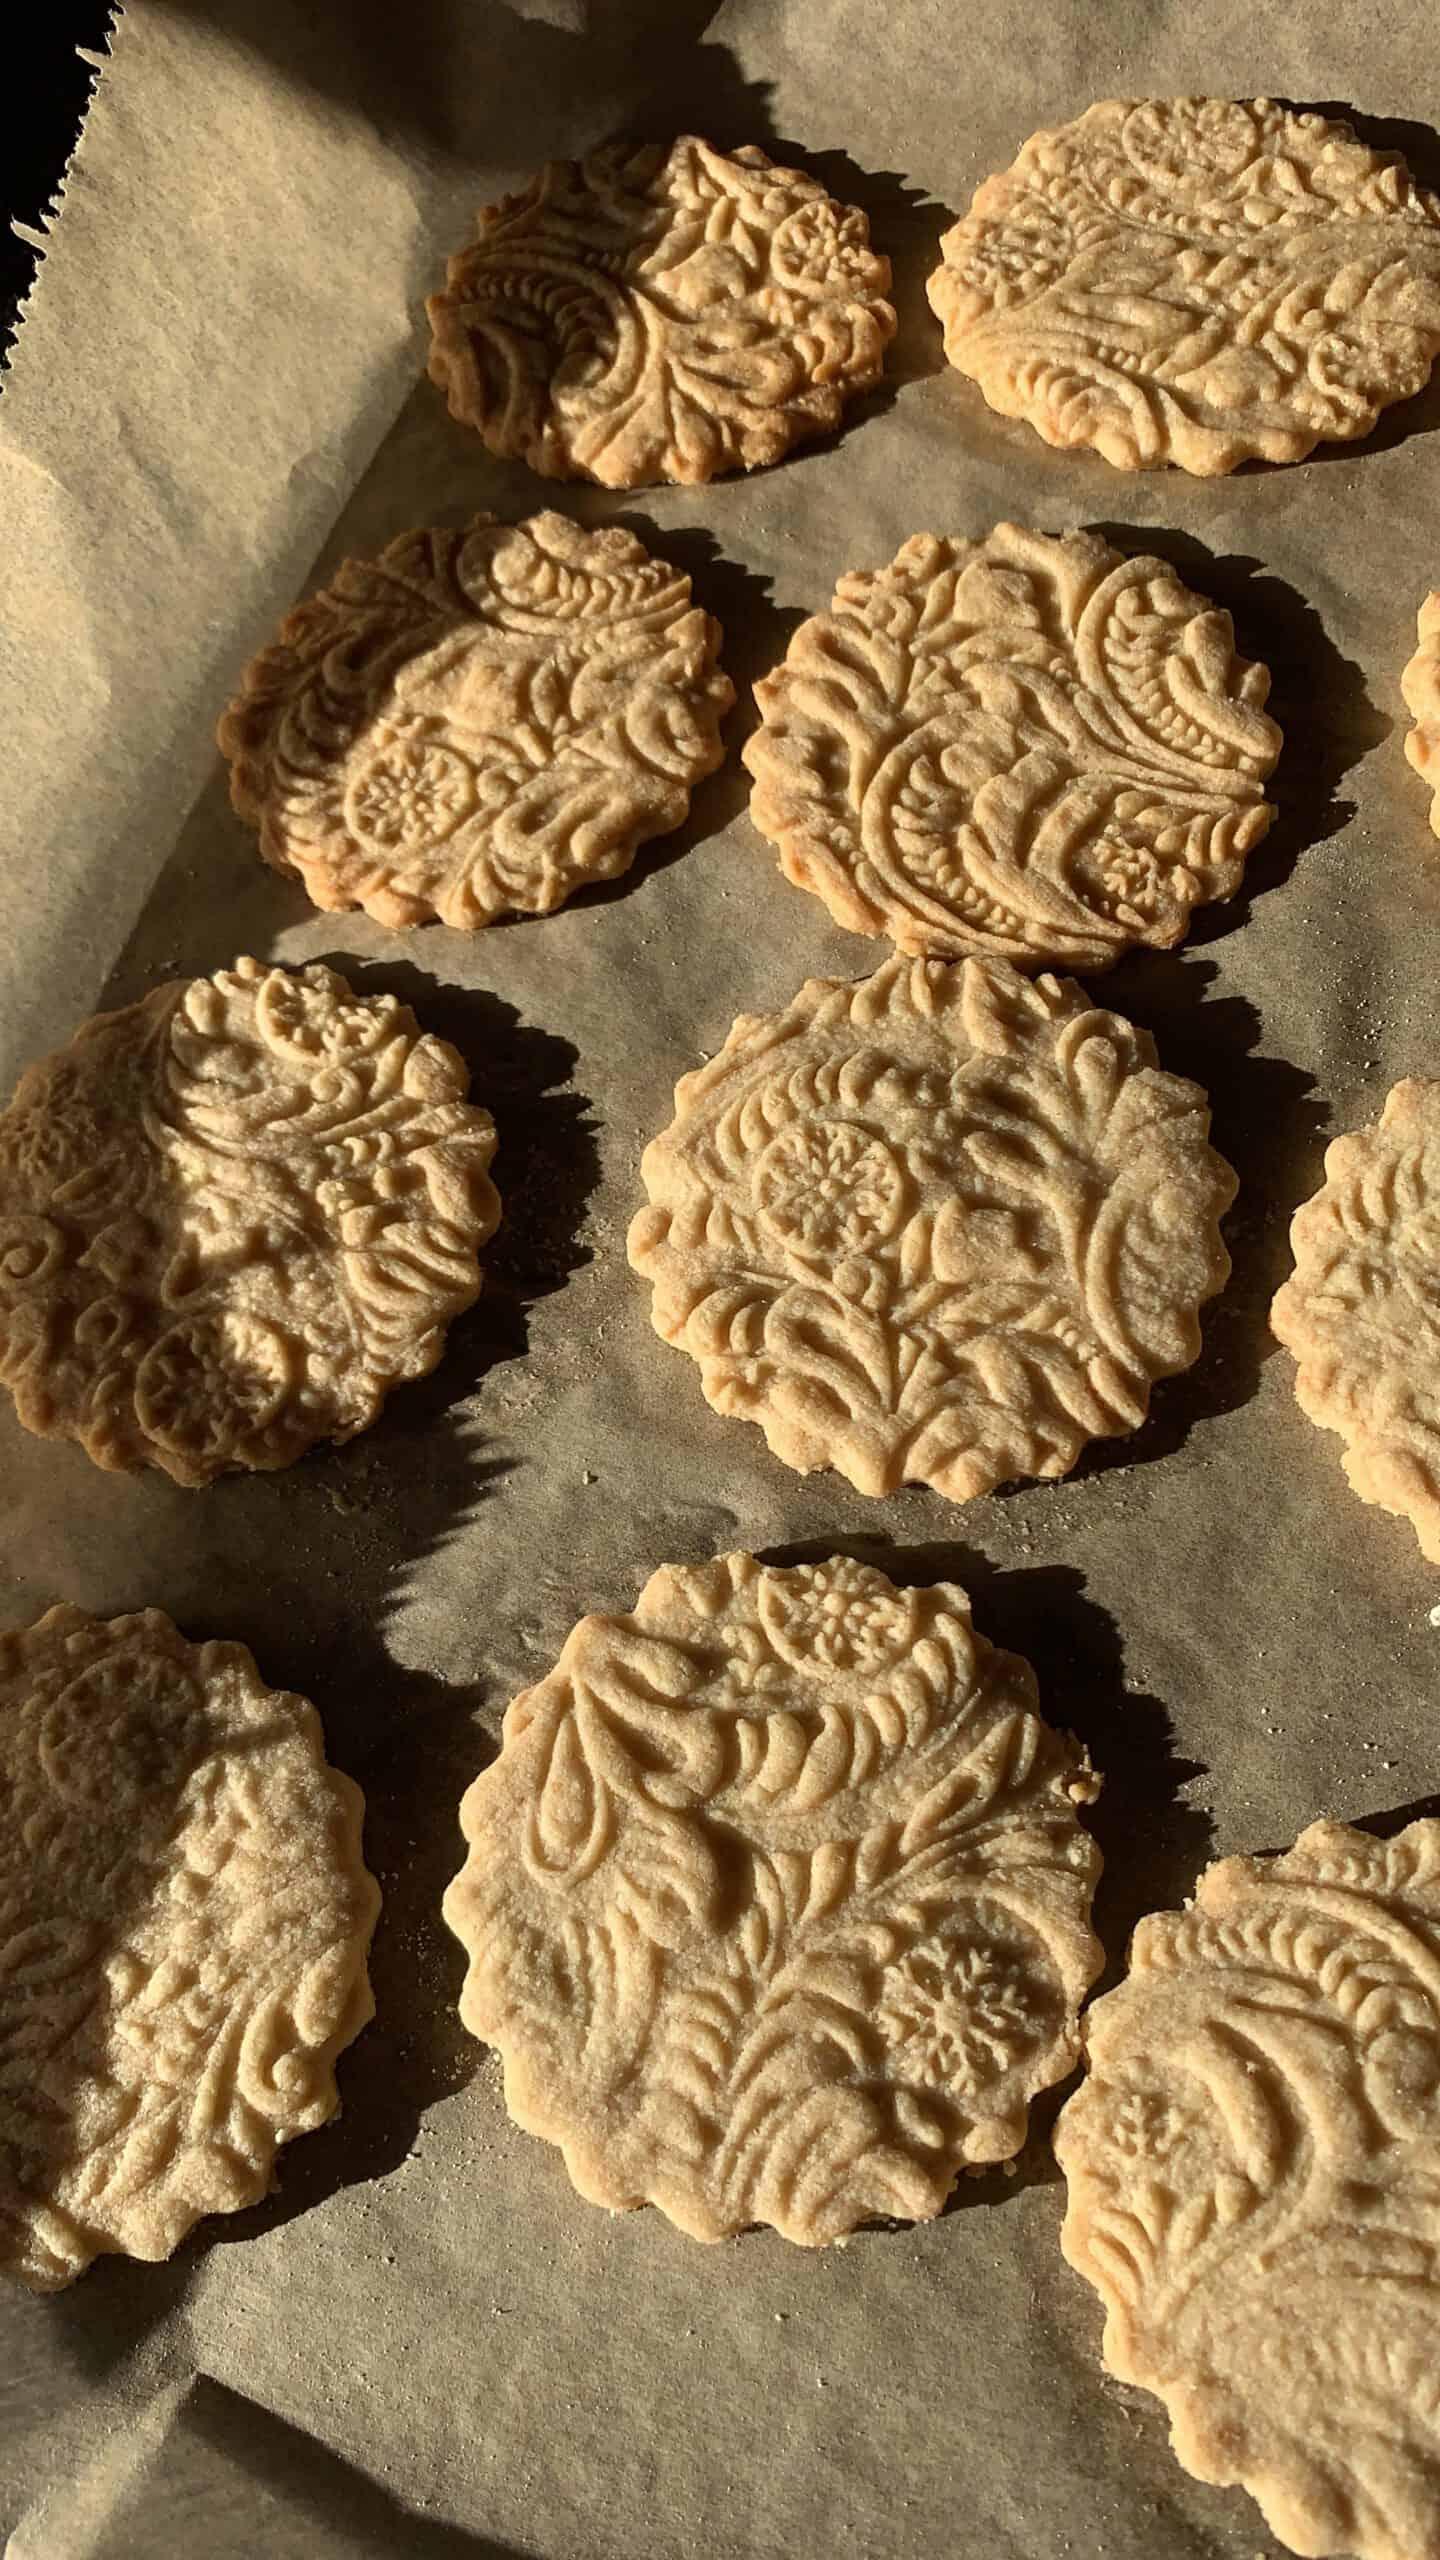 Lieblings Weihnachtsplätzchen auf dem Backblech mit Backpapier- Hildegard von Bingen Kekse mit Pastry Made Rolle ausgerollt